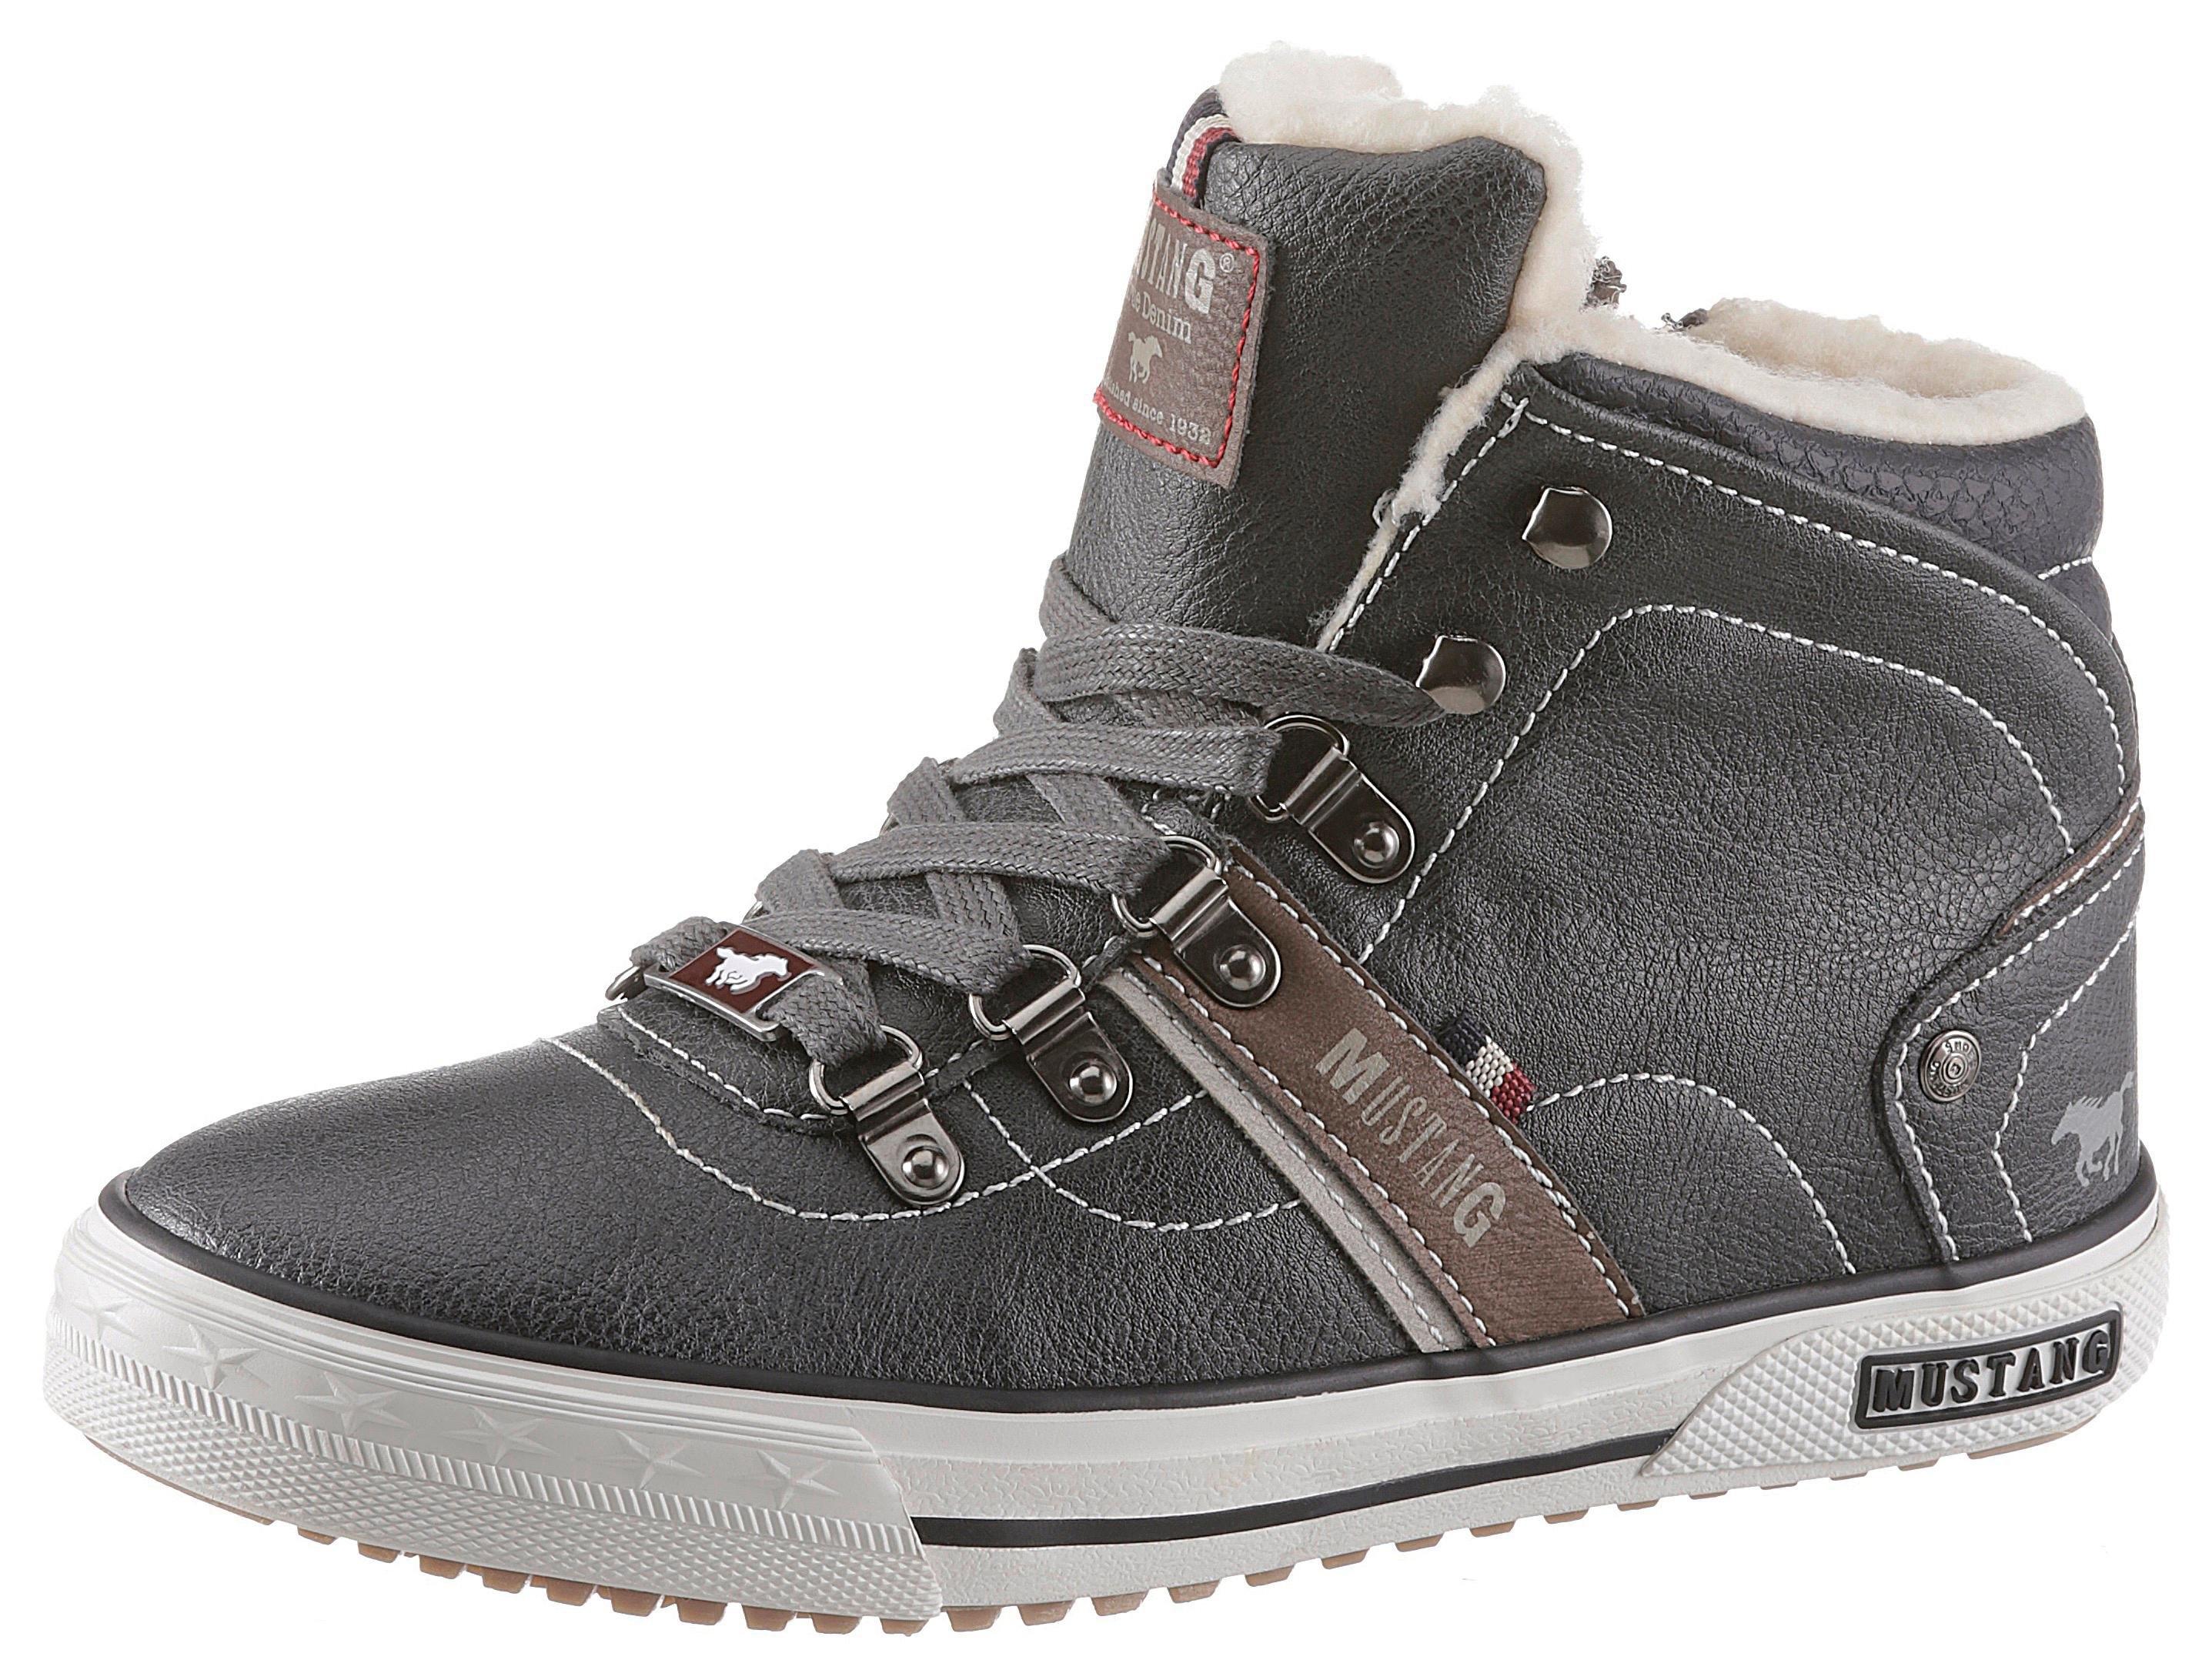 Mustang Shoes sneakers online kopen op otto.nl